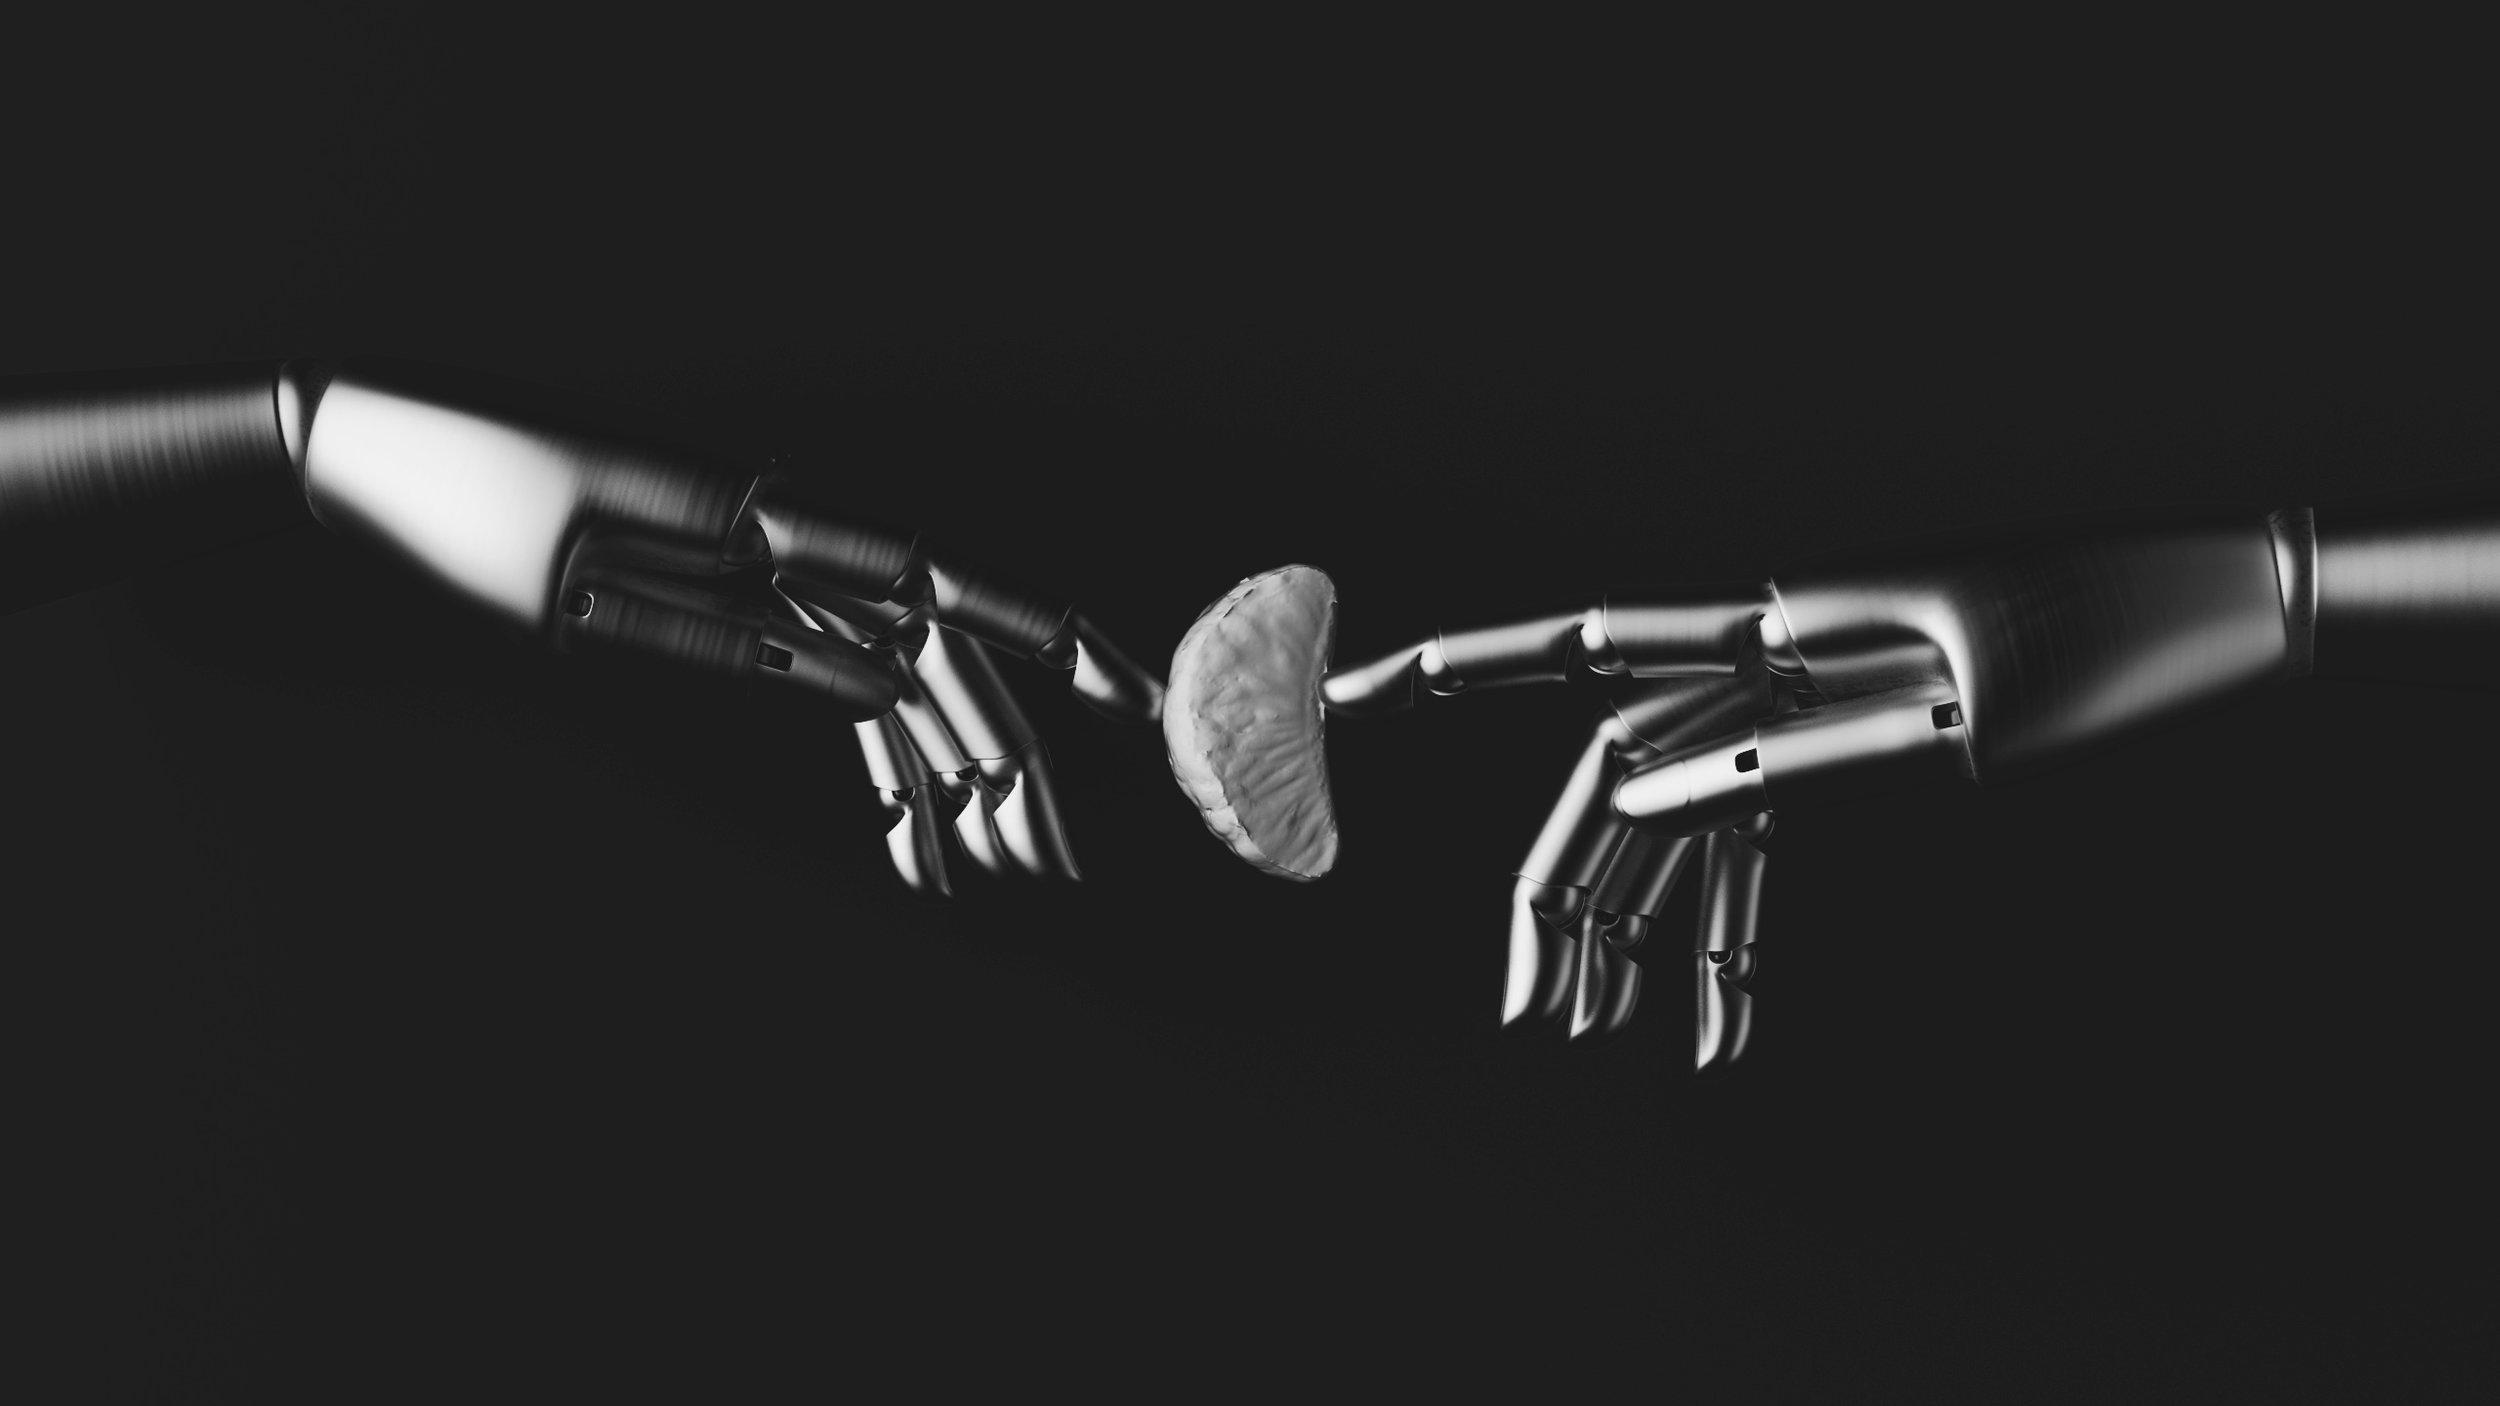 DaVinci_Robot_005.jpg